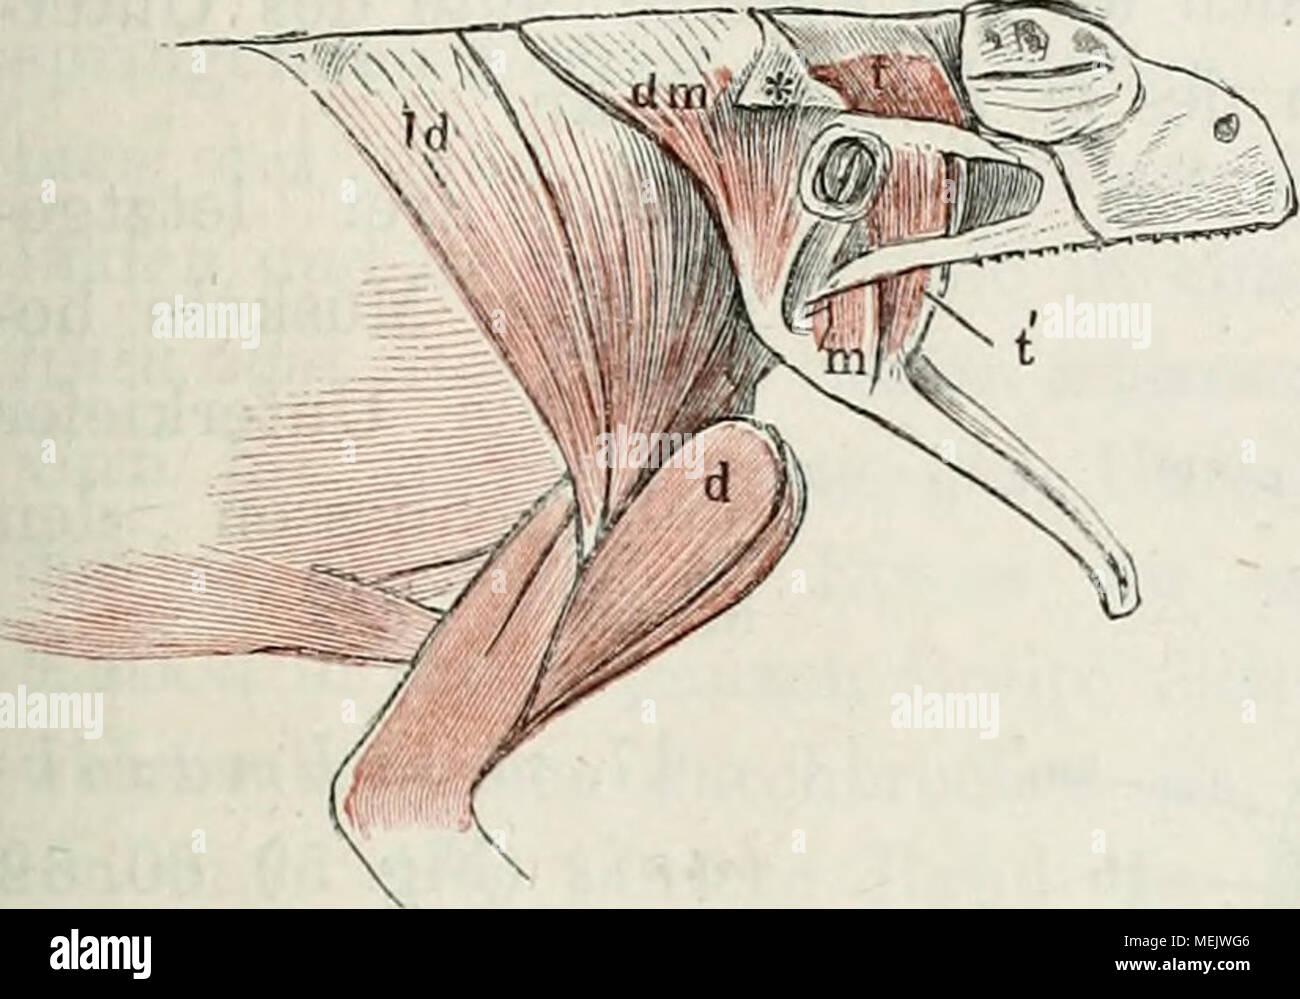 Ungewöhnlich Menschliche Zunge Anatomie Galerie - Anatomie Ideen ...